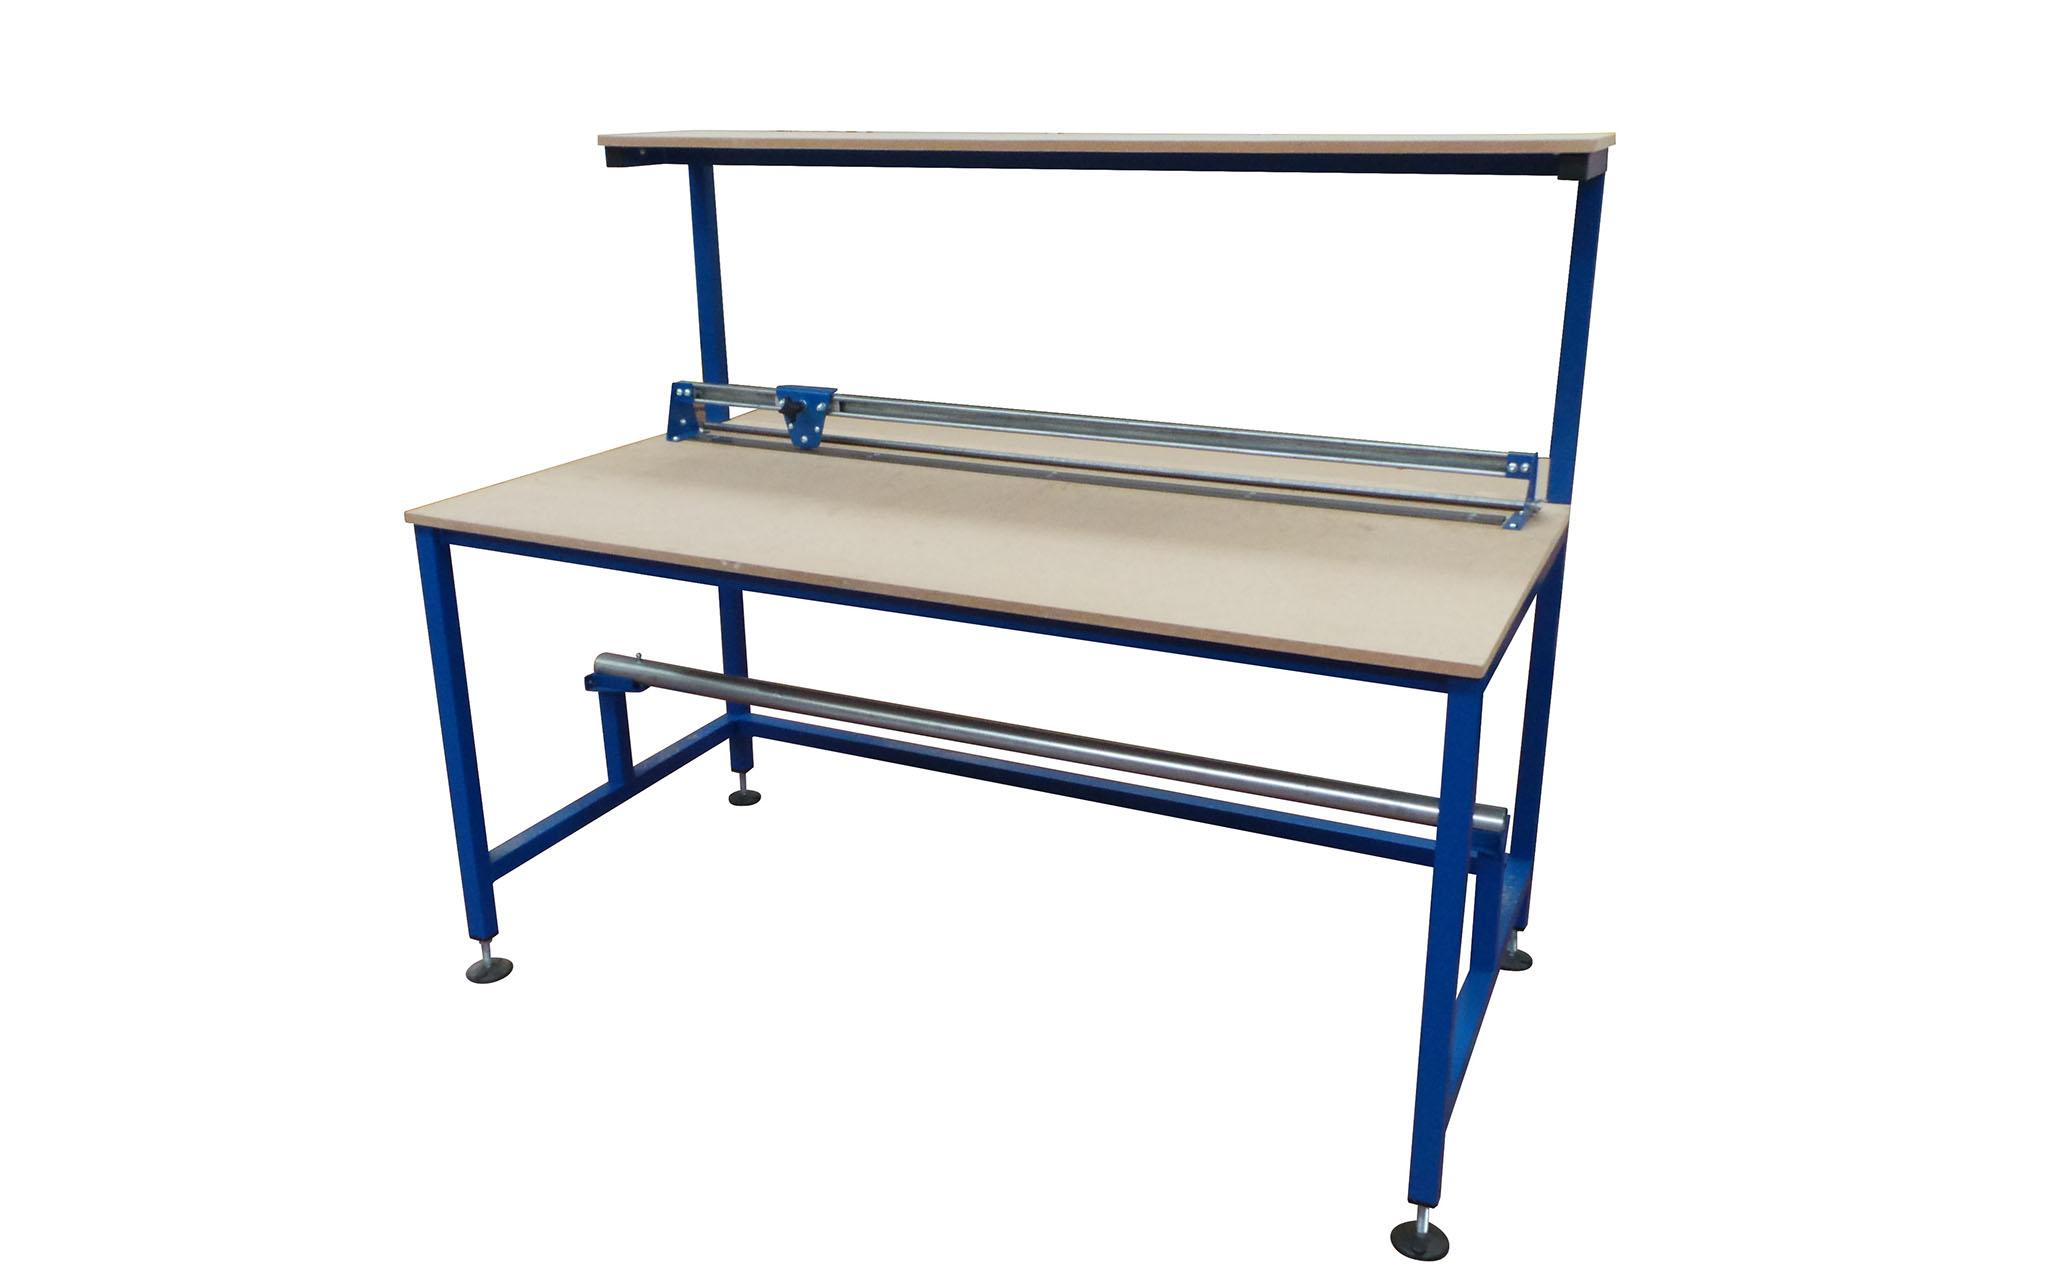 Base Packing bench